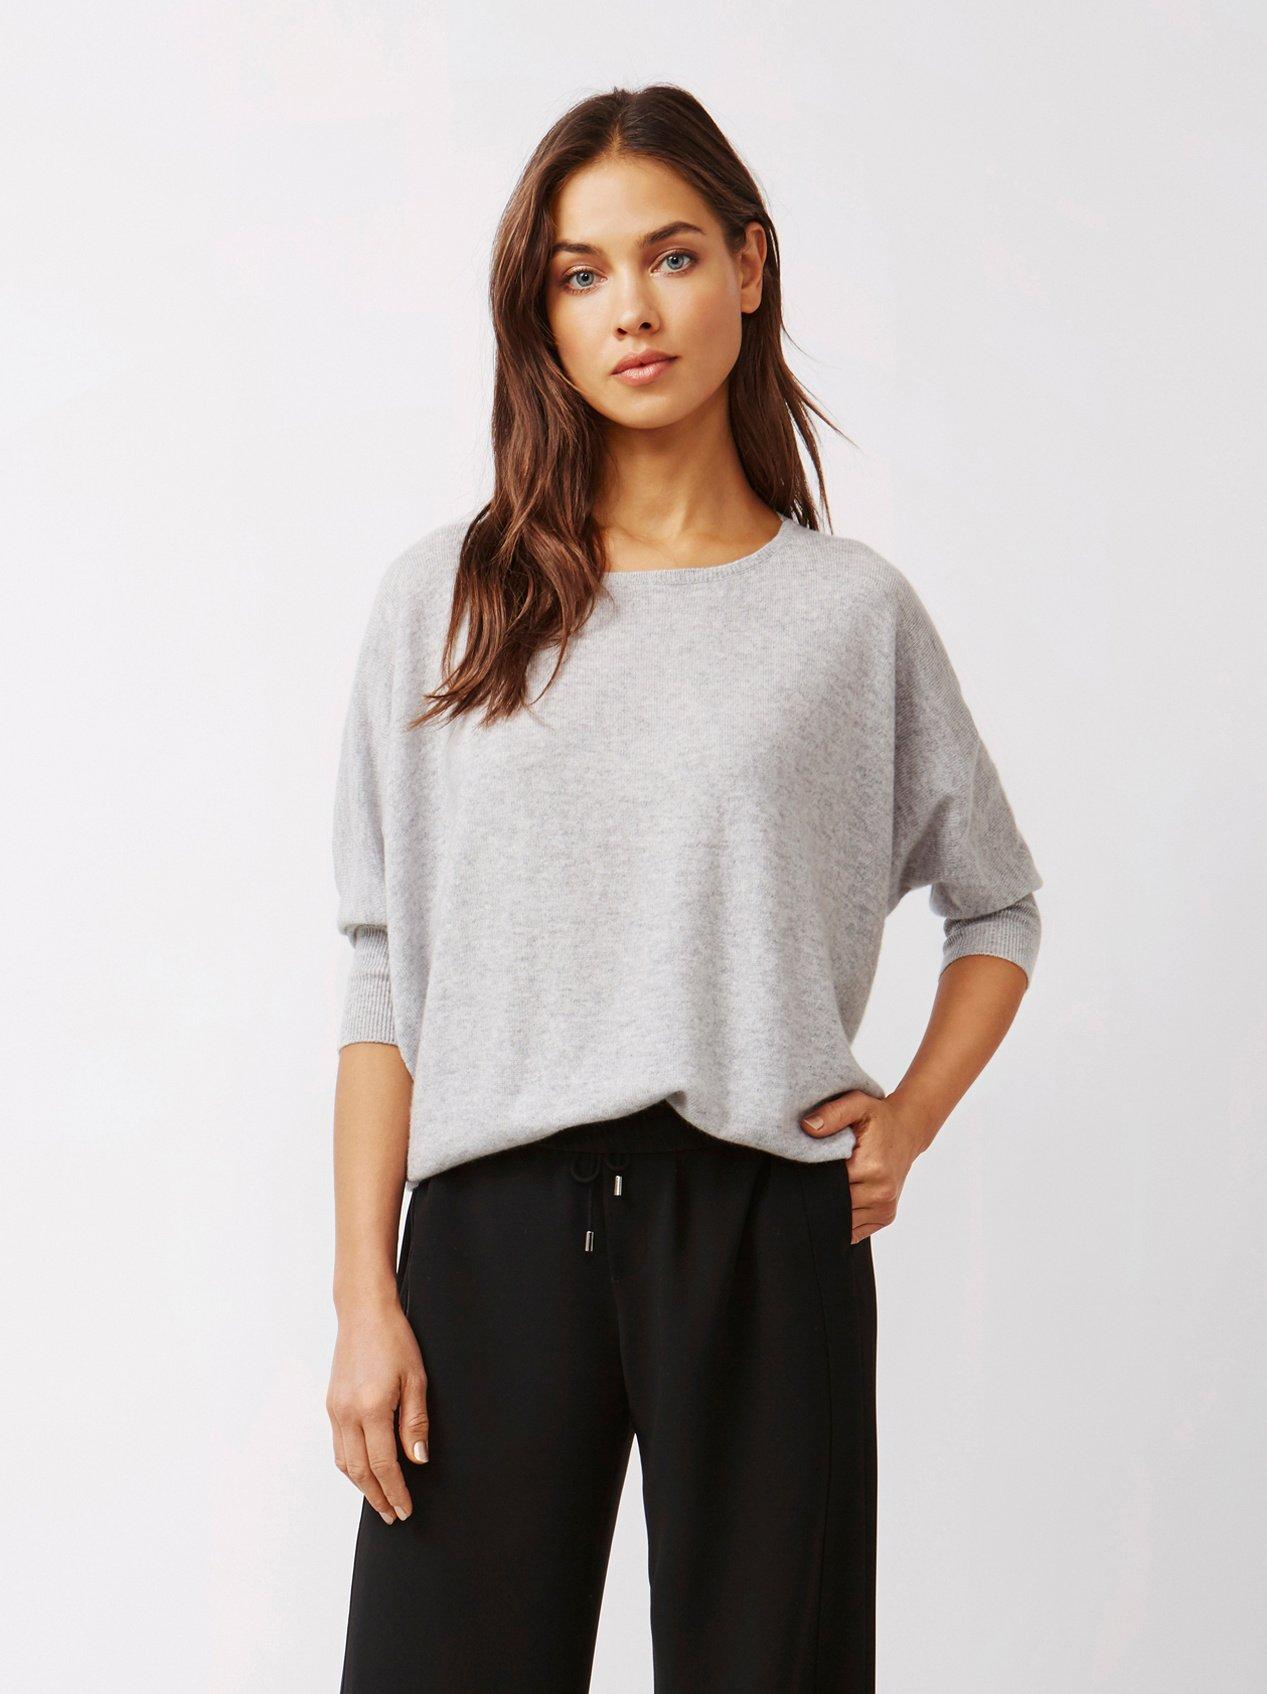 Soft Goat Women's Short Sleeve Poncho Light Grey